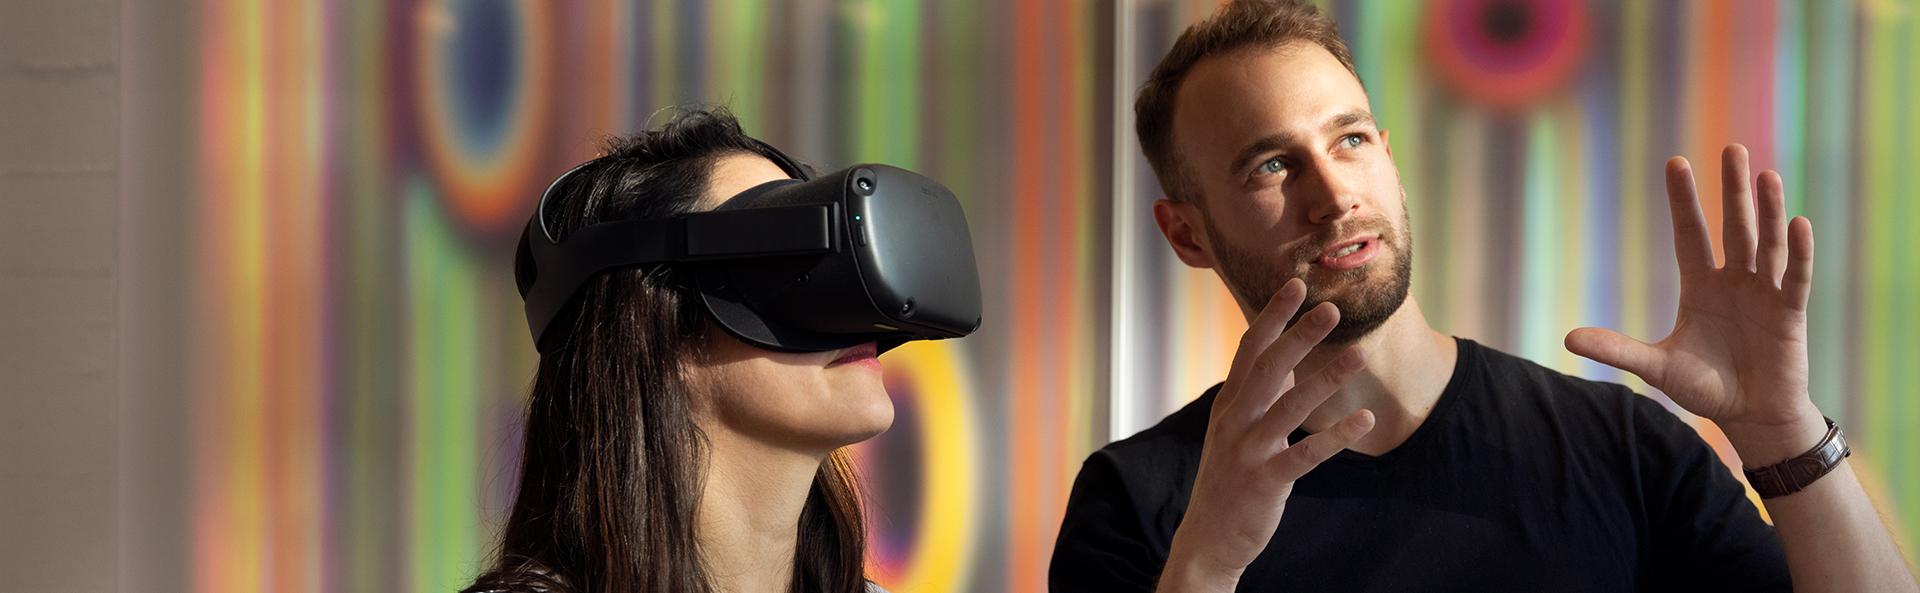 Nainen katselee VR-laseilla ja mies selostaa tapahtumia vieressä.